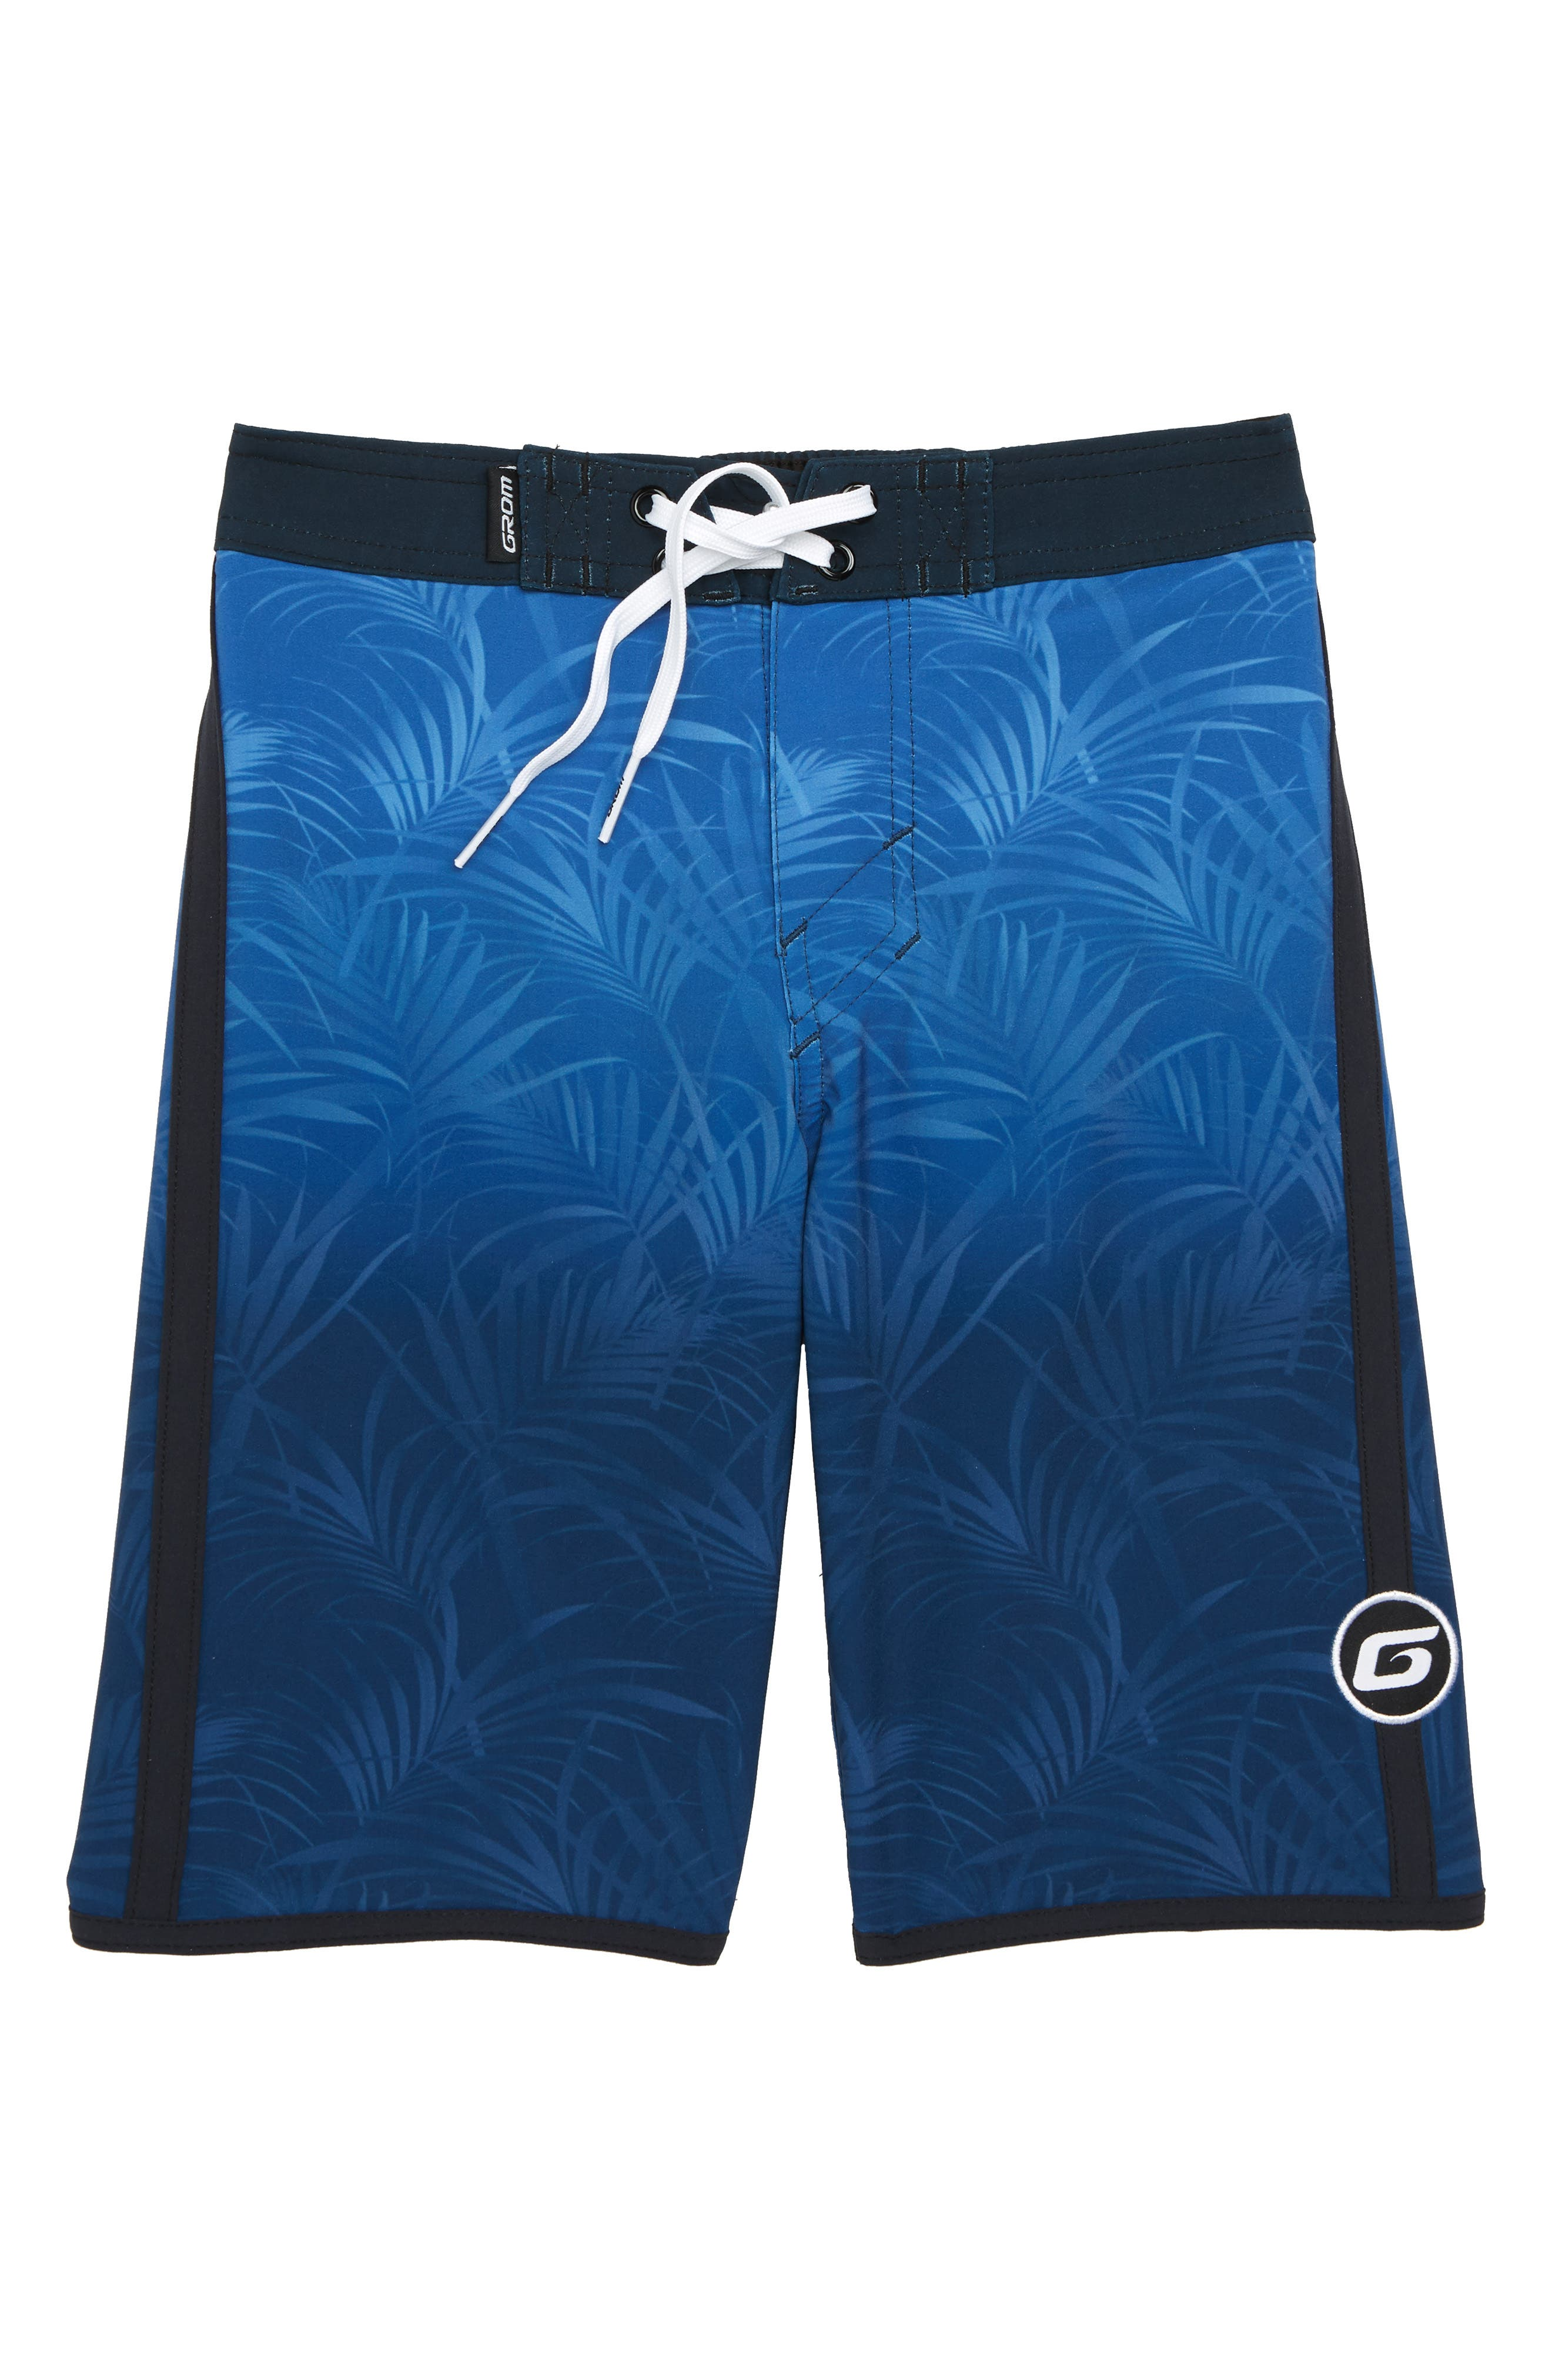 Palm Fade Board Shorts,                             Main thumbnail 1, color,                             BLUE